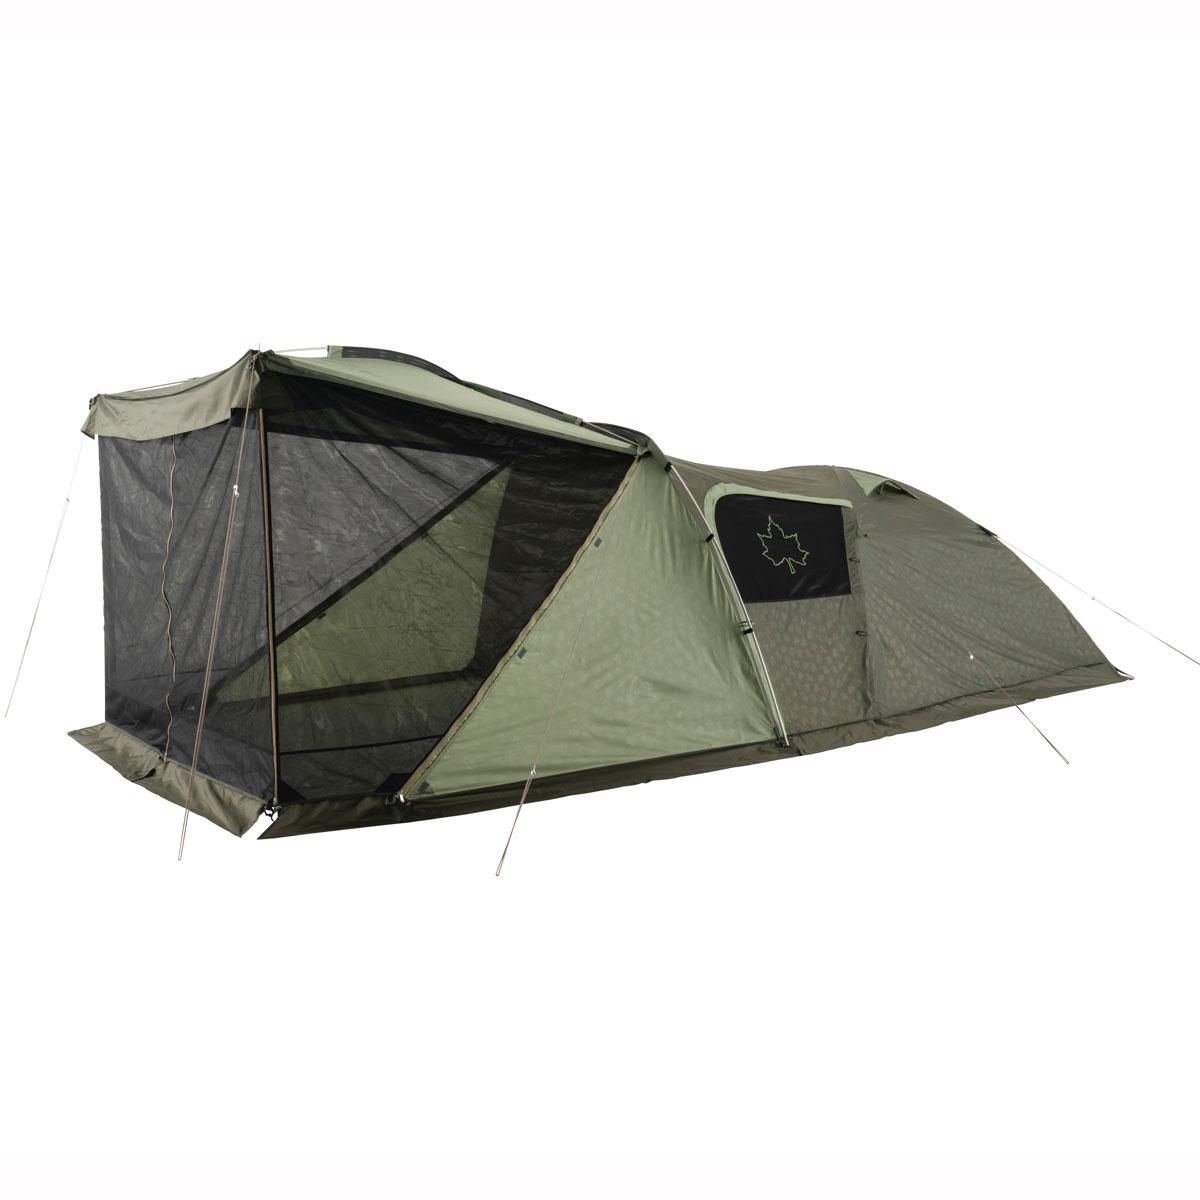 ロゴス(LOGOS) キャンプ用テント(3~5人用) neos PANELダブルリビングドーム XL-BJ 71805550 テント タープ キャンプ用テント キャンプ アウトドア